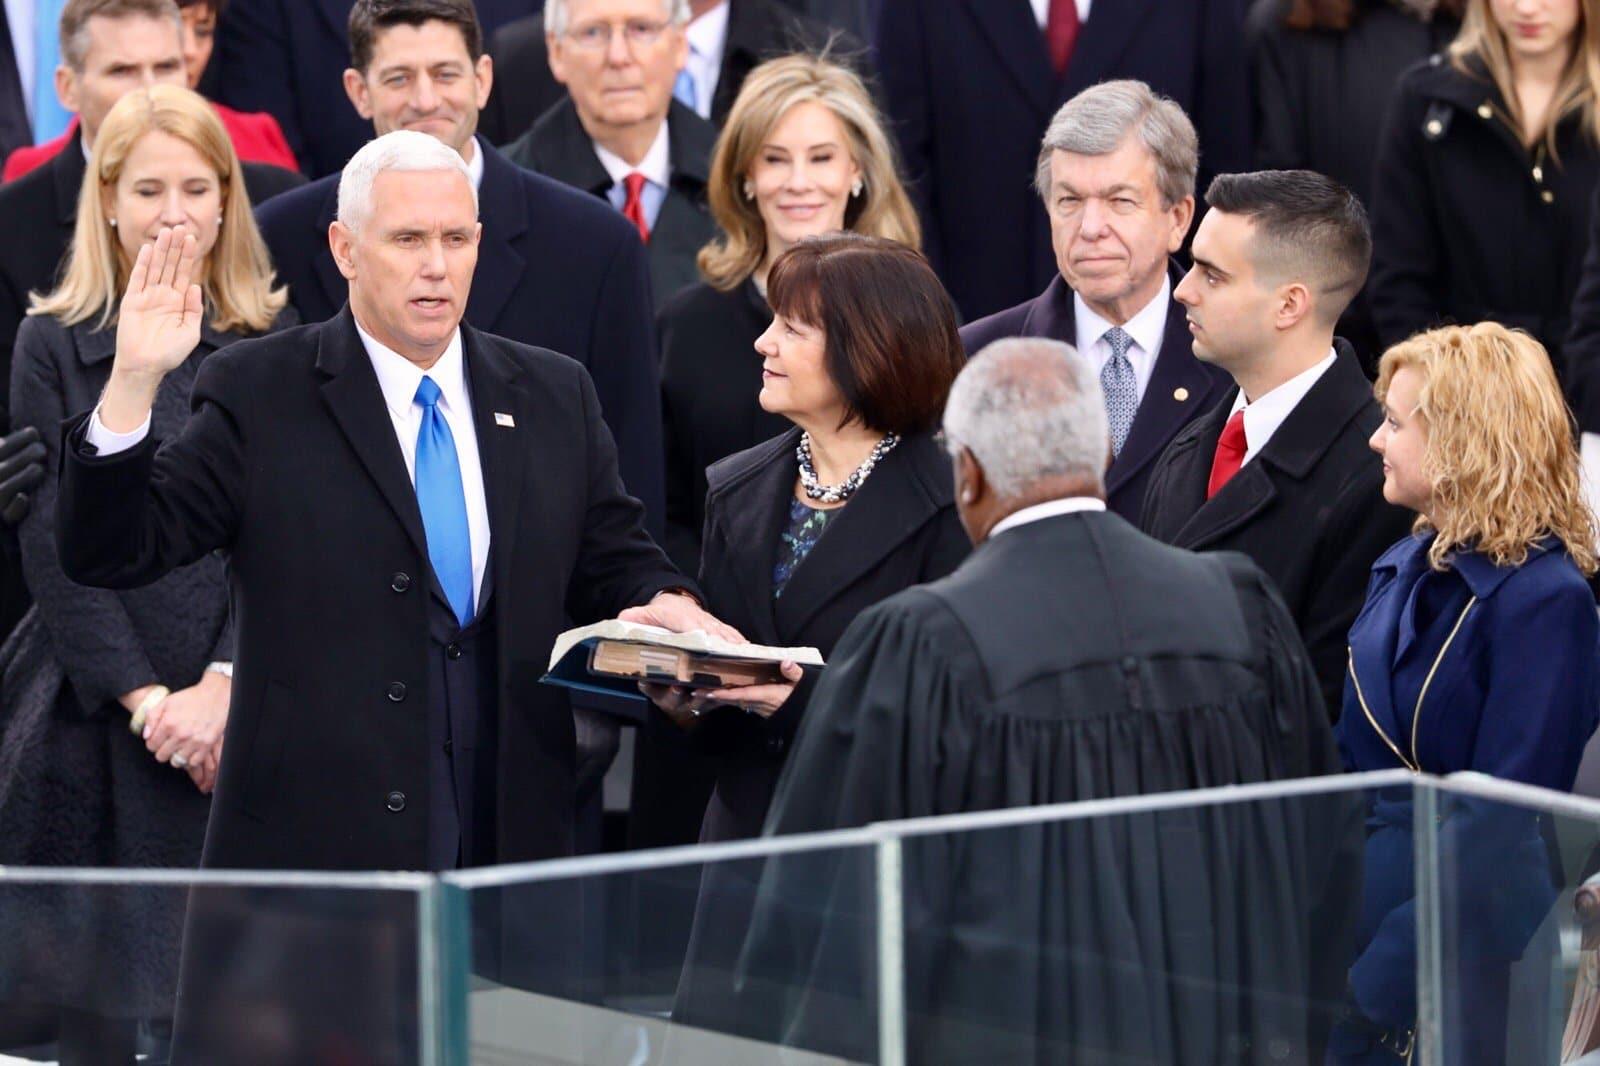 Giuramento Mike Pence vicepresidente